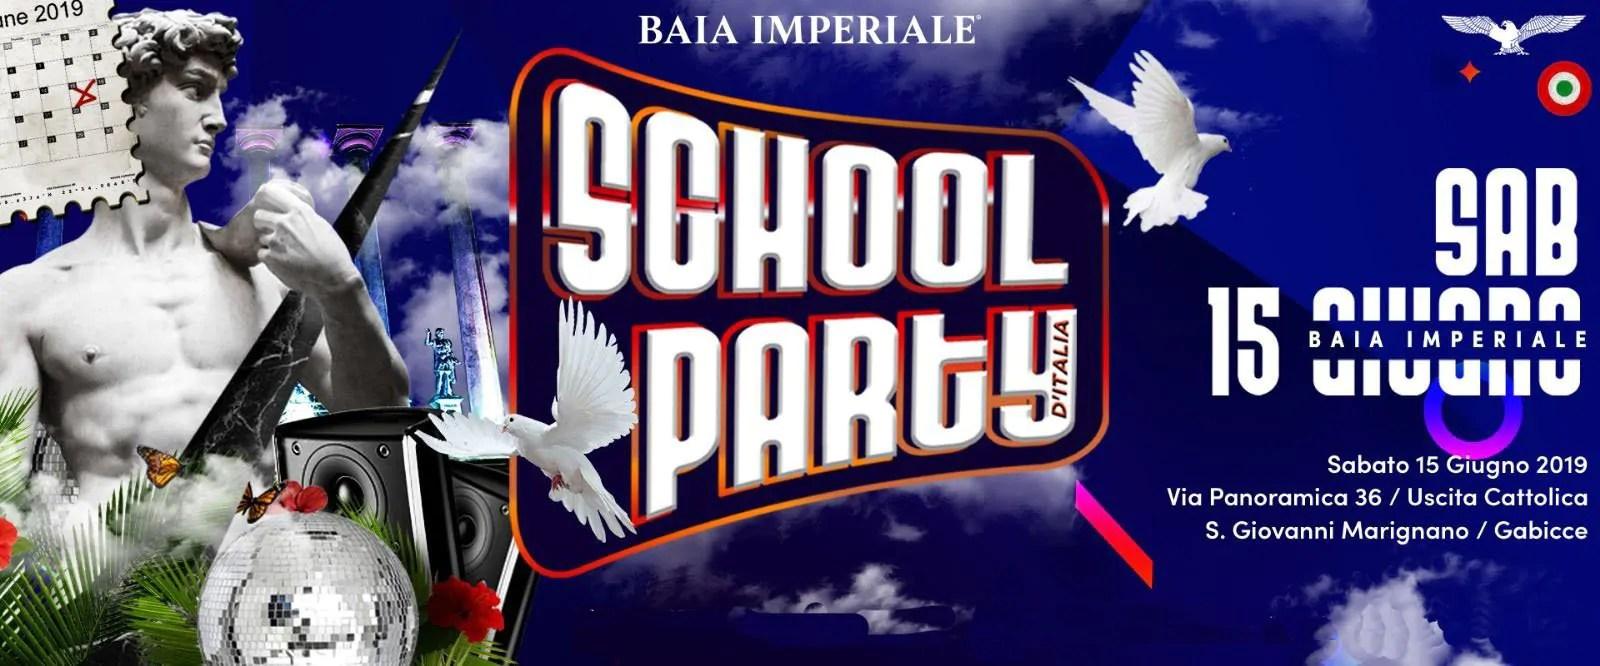 School Party Baia Imperiale Sabato 15 Giugno 2019 + Prezzi Ticket/Biglietti/Prevendite 18APP Tavoli Pacchetti hotel